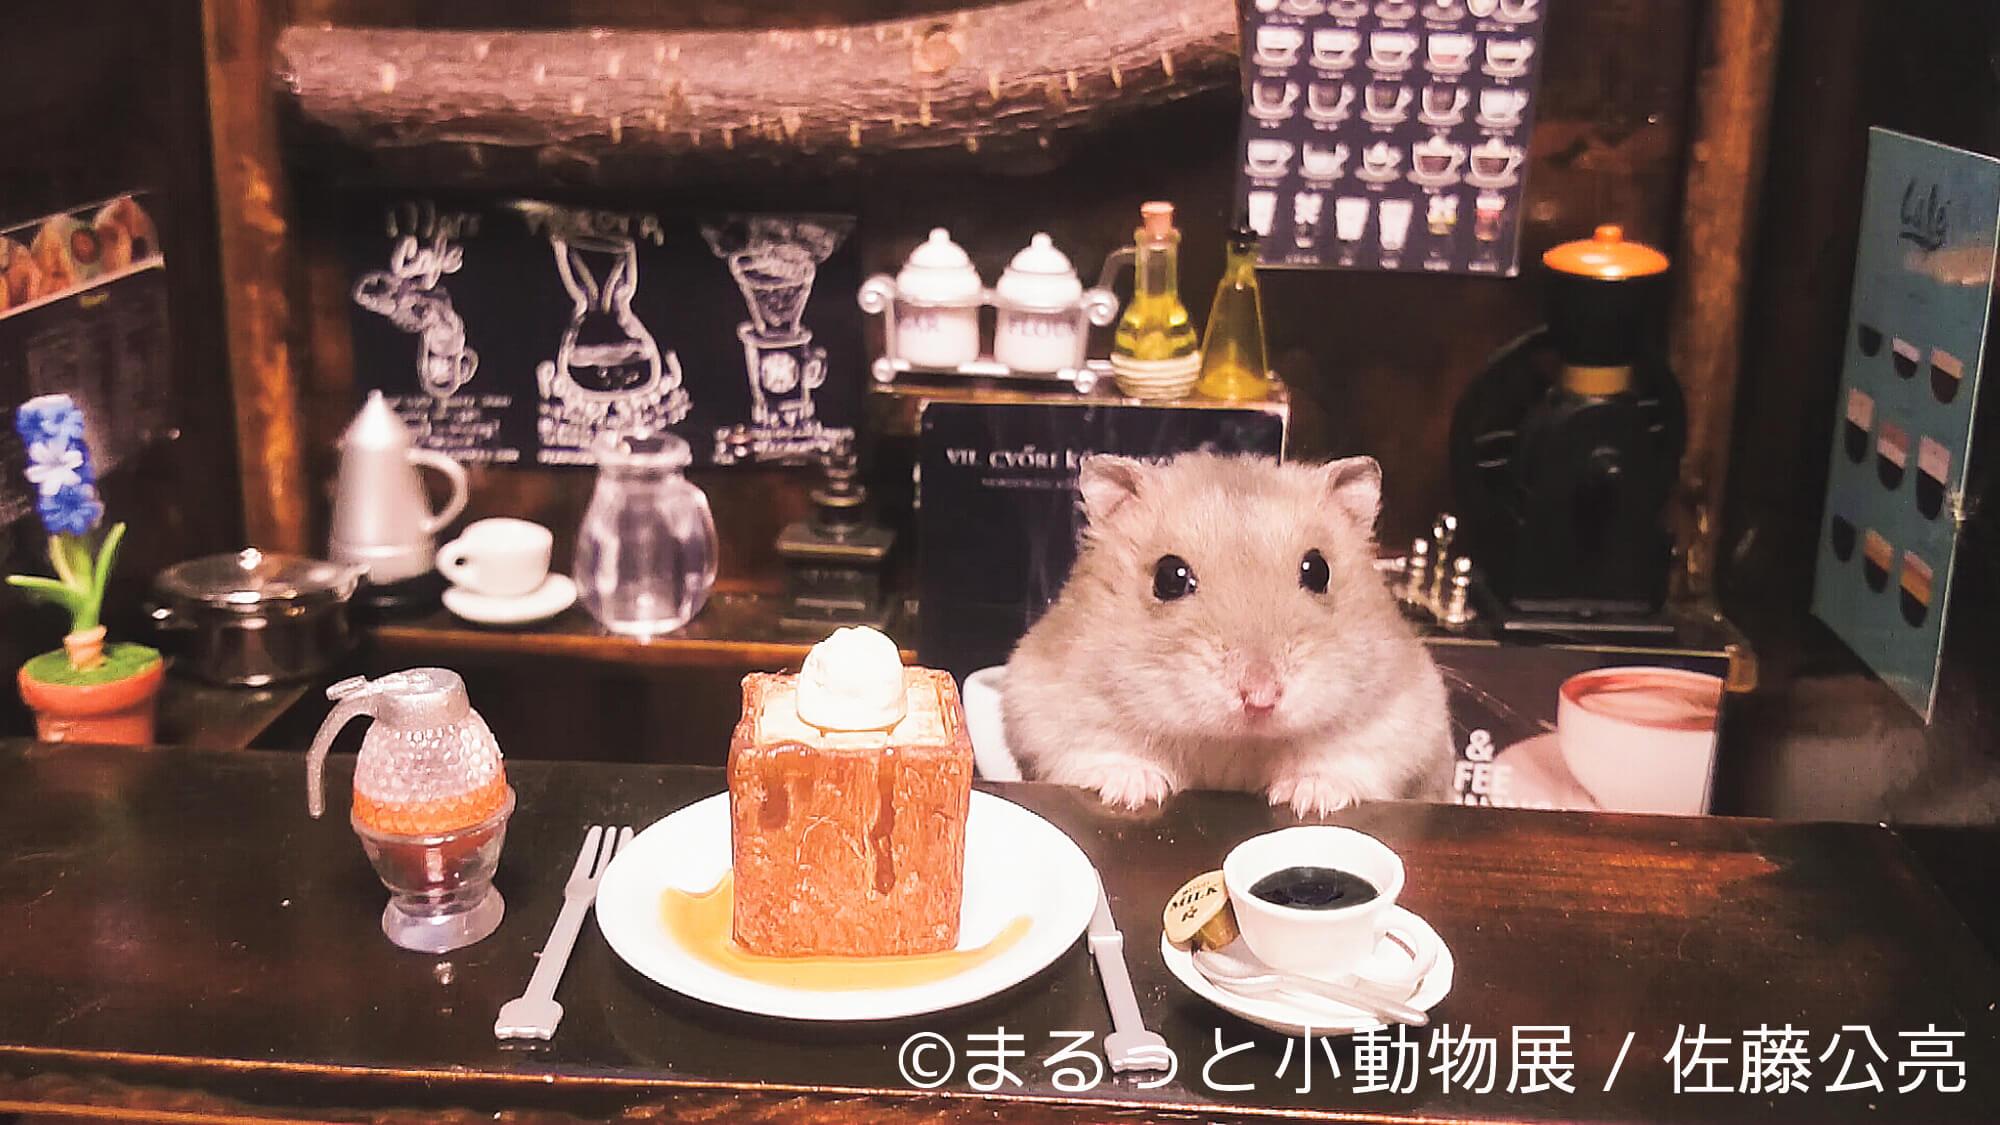 佐藤公亮 | まるっと小動物展 | Fanimal(ファニマル)